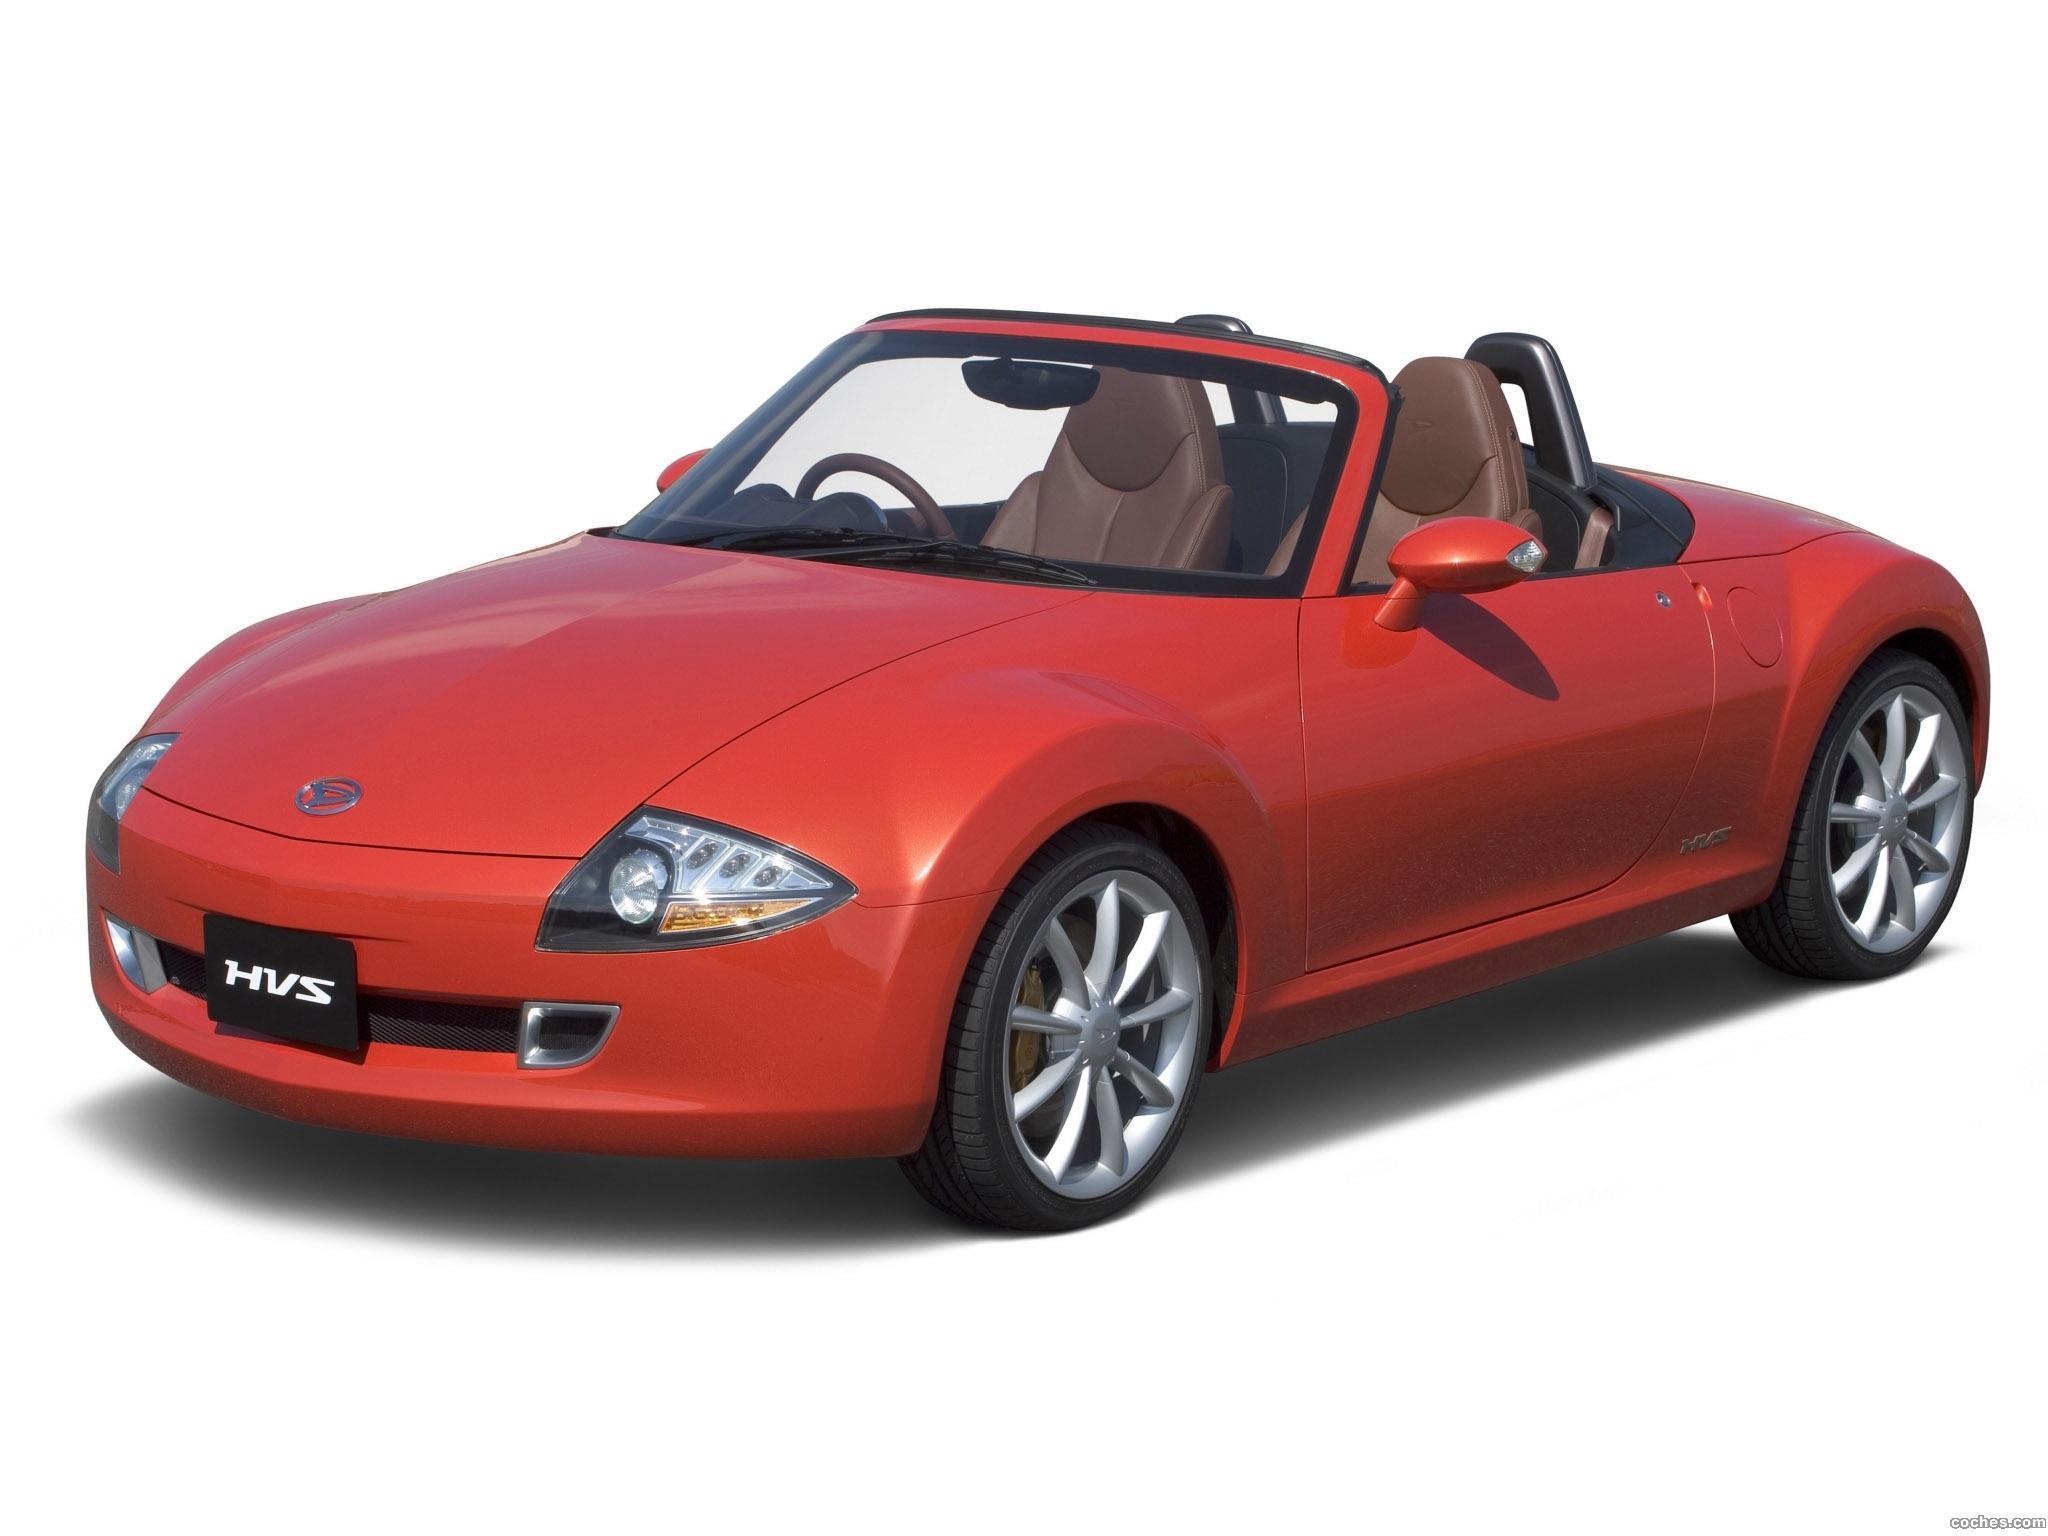 Foto 0 de Daihatsu HVS Concept 2005